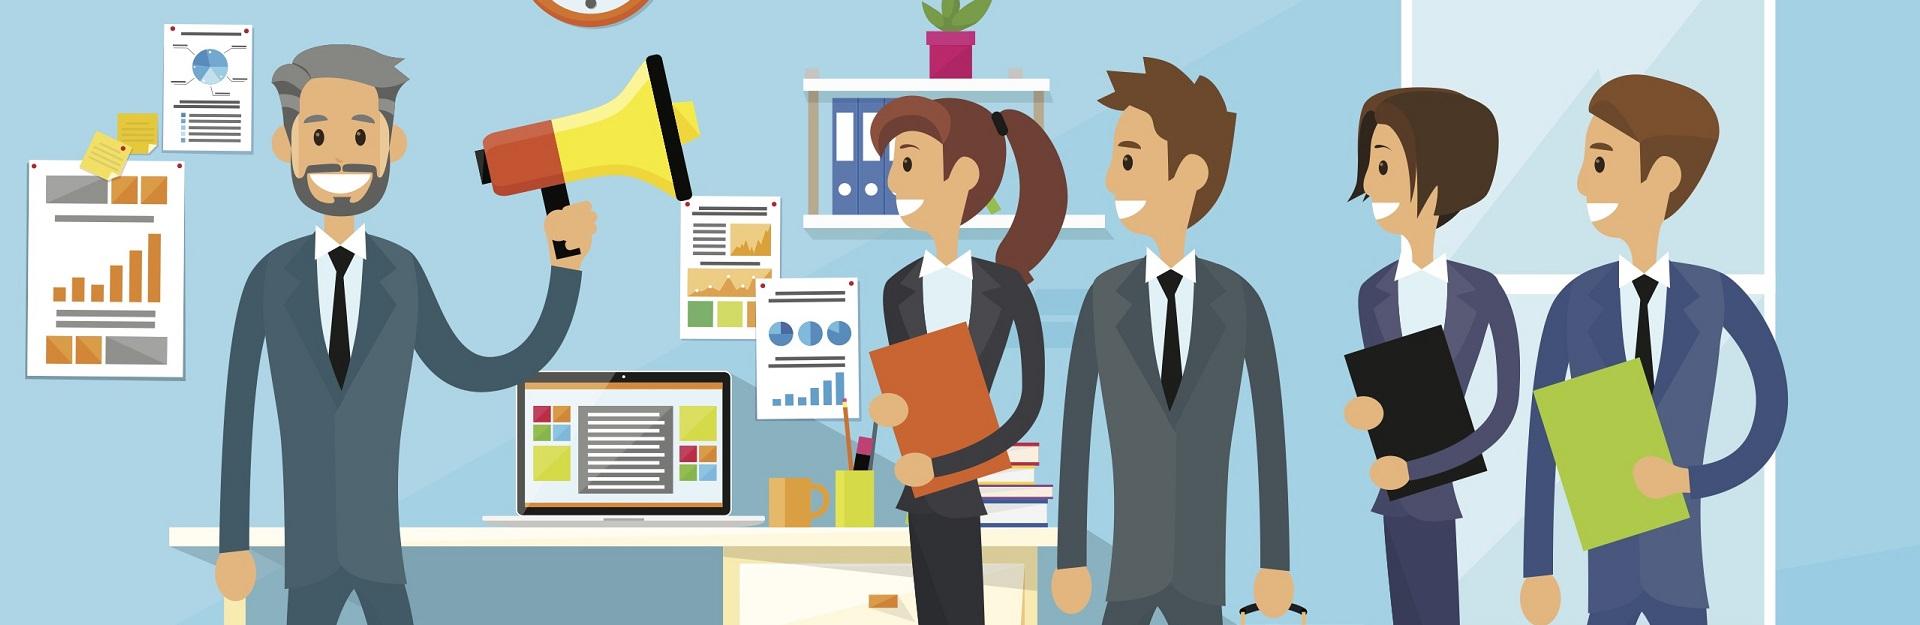 Cách quản lý nhân viên hiệu quả với phần mềm quản lý bán hàng (p2) Blog